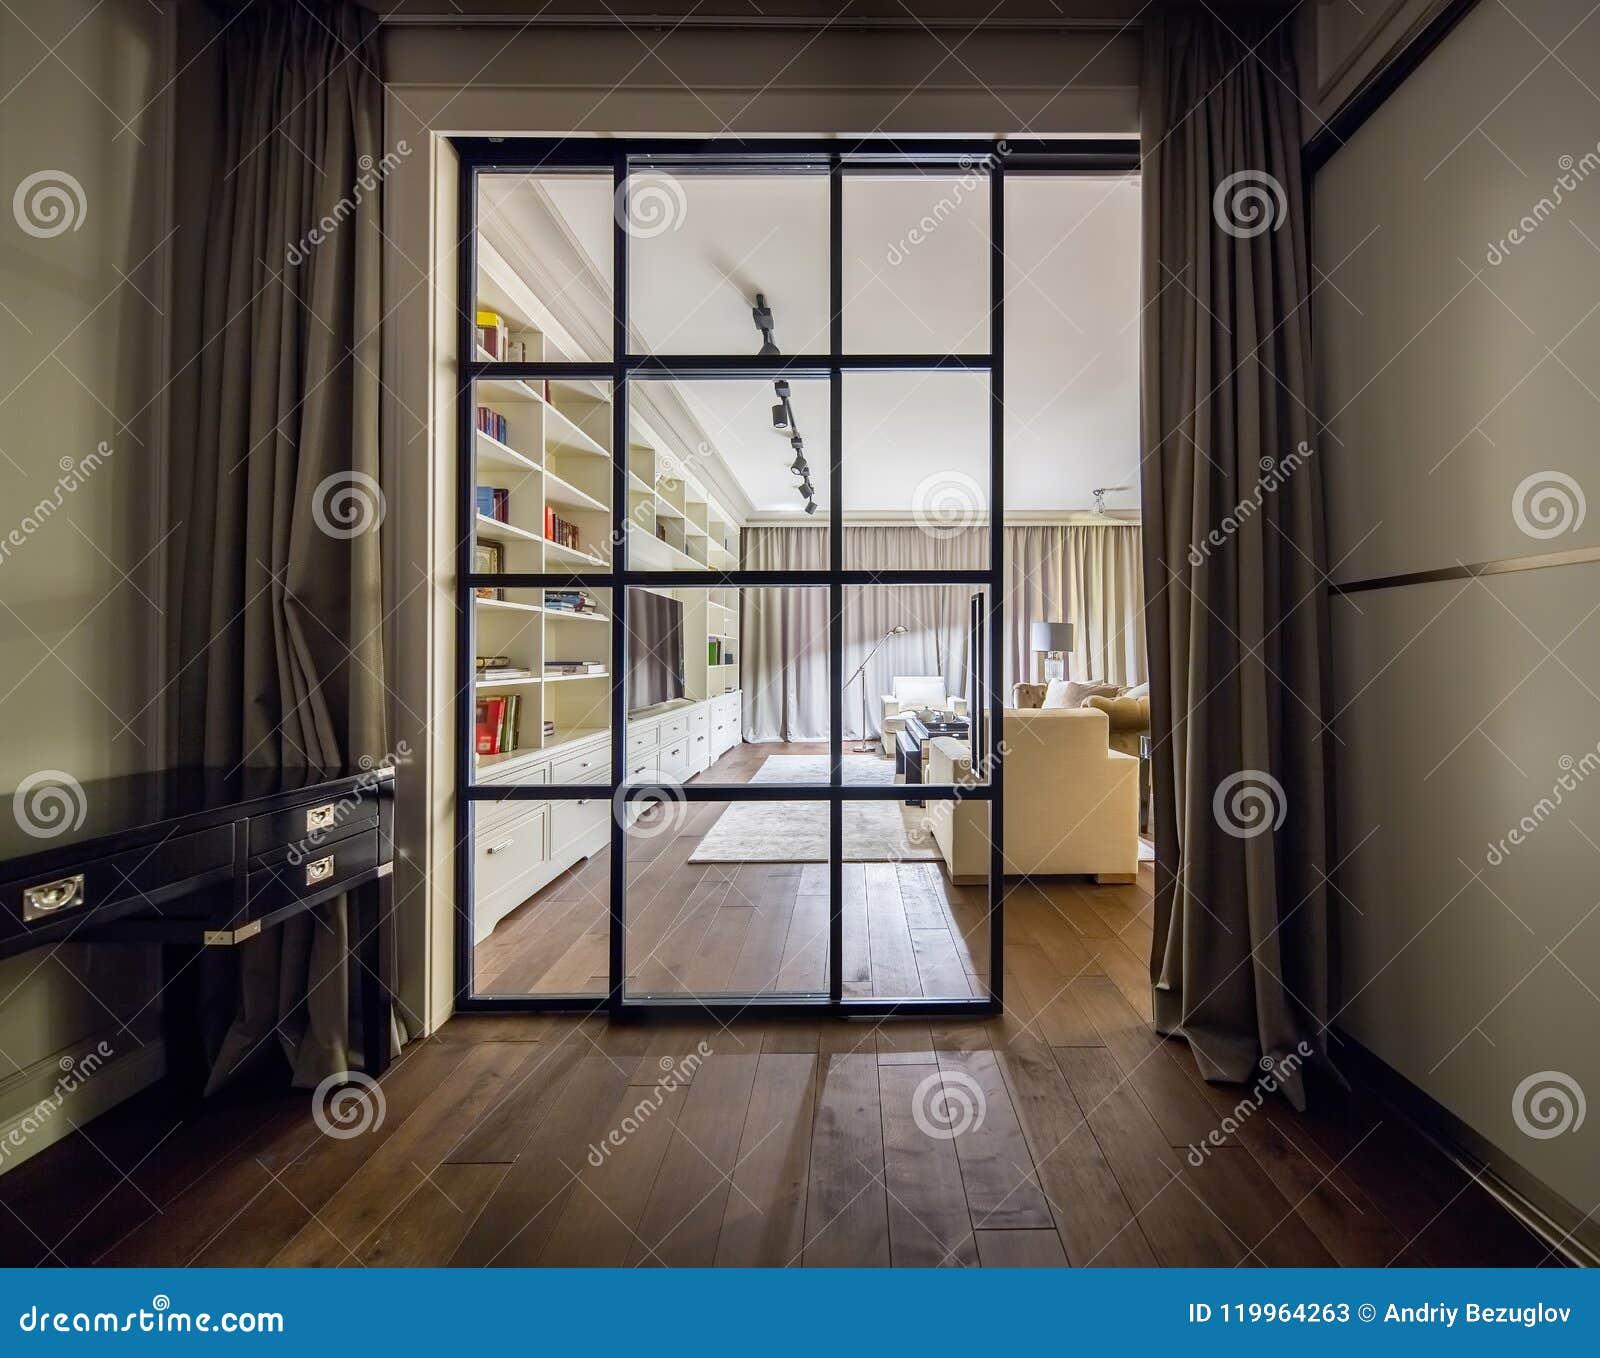 Stylish Modern Interior Stock Image Image Of Estate 119964263